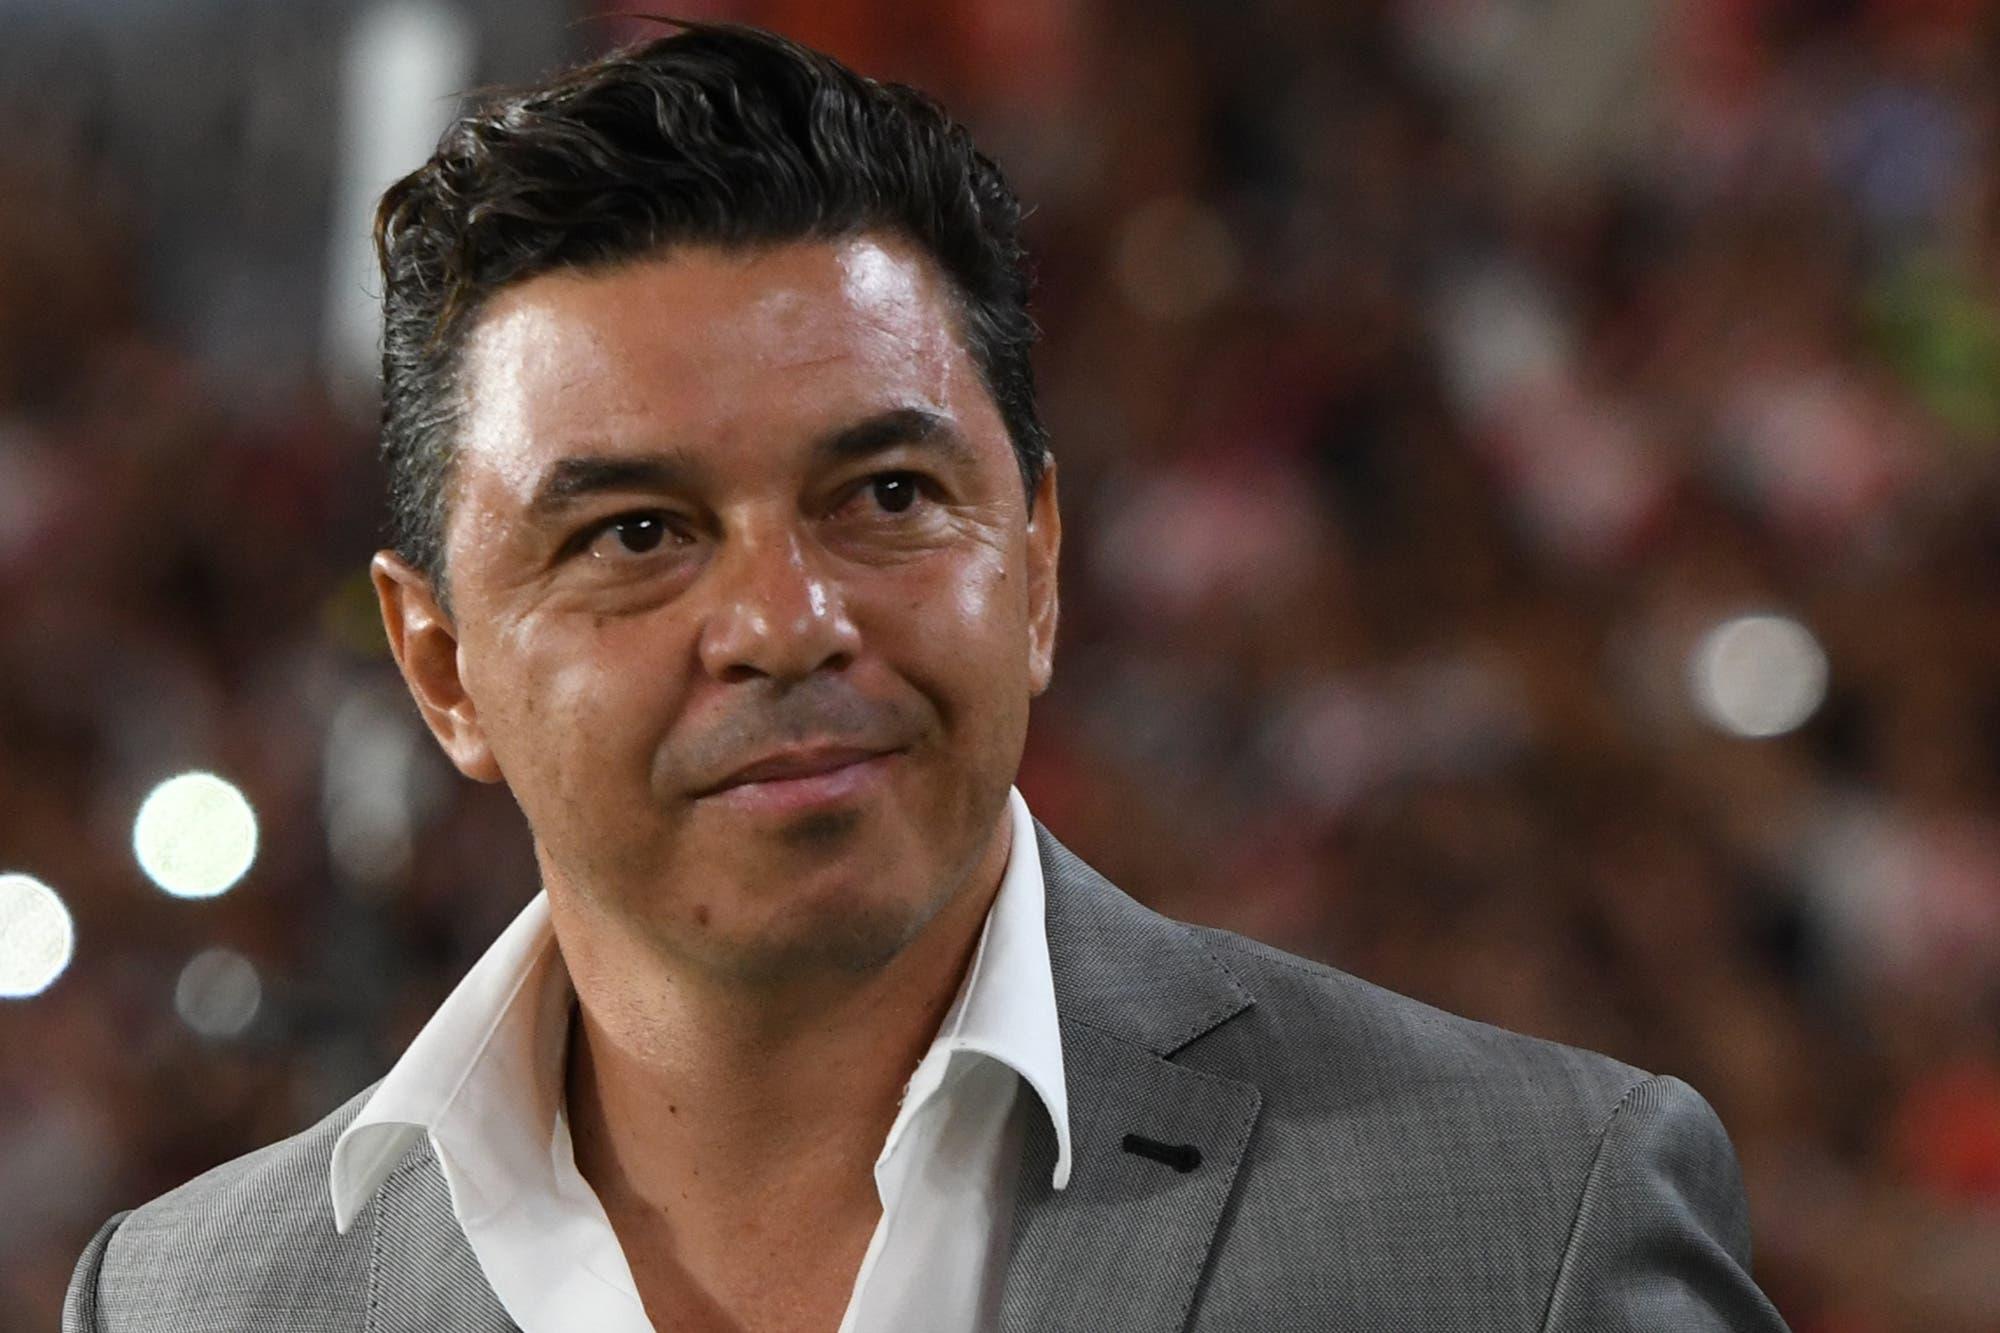 El admirable gesto de Marcelo Gallardo con el canchero de Independiente después del triunfo contra San Pablo